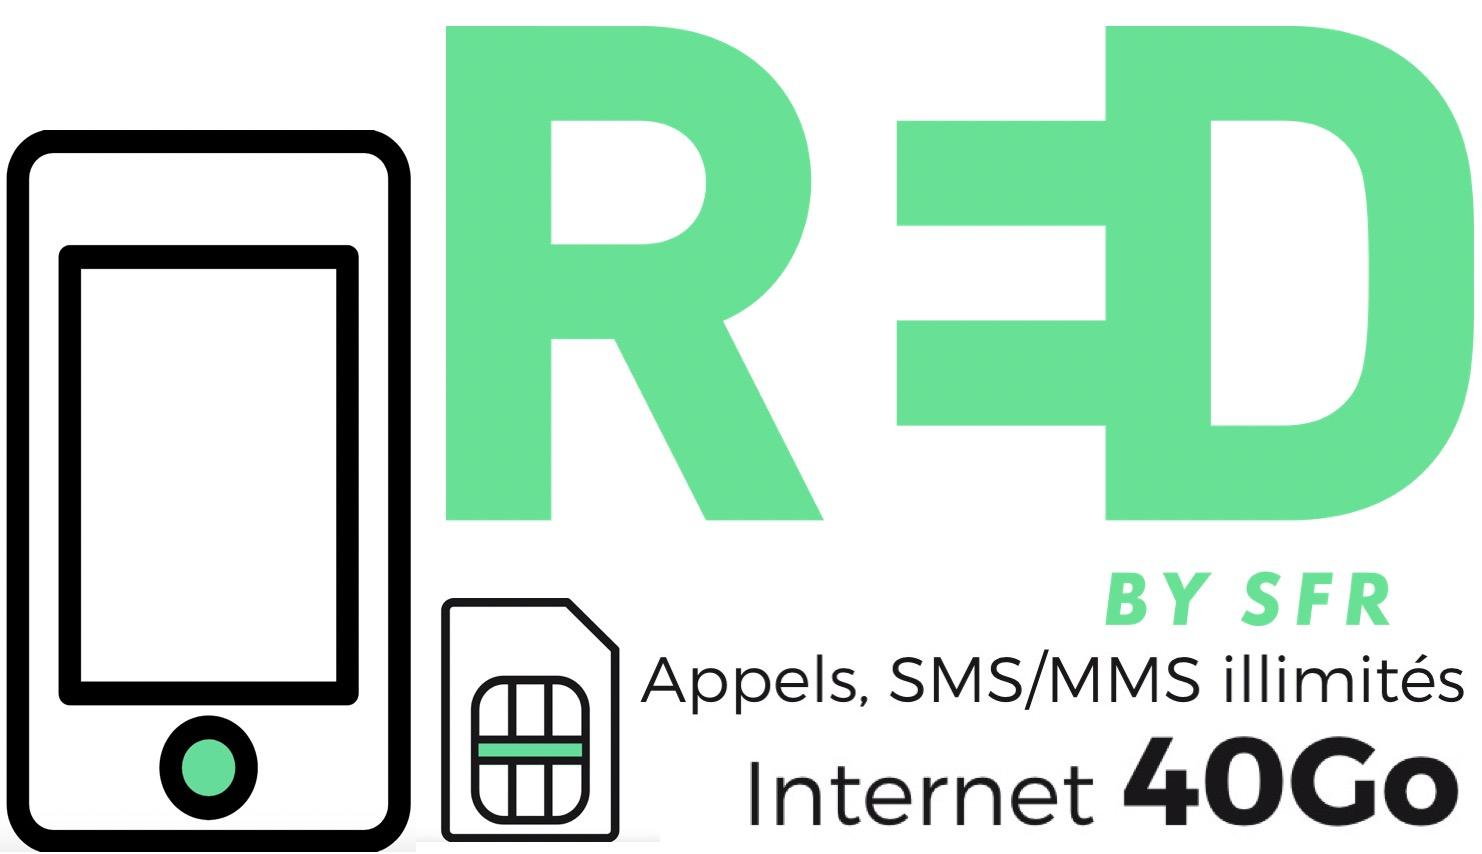 Code promo RED by SFR : Forfait mobile Appels, SMS/MMS illimités + 40Go d'Internet + 5Go en Europe à 10€/mois à vie